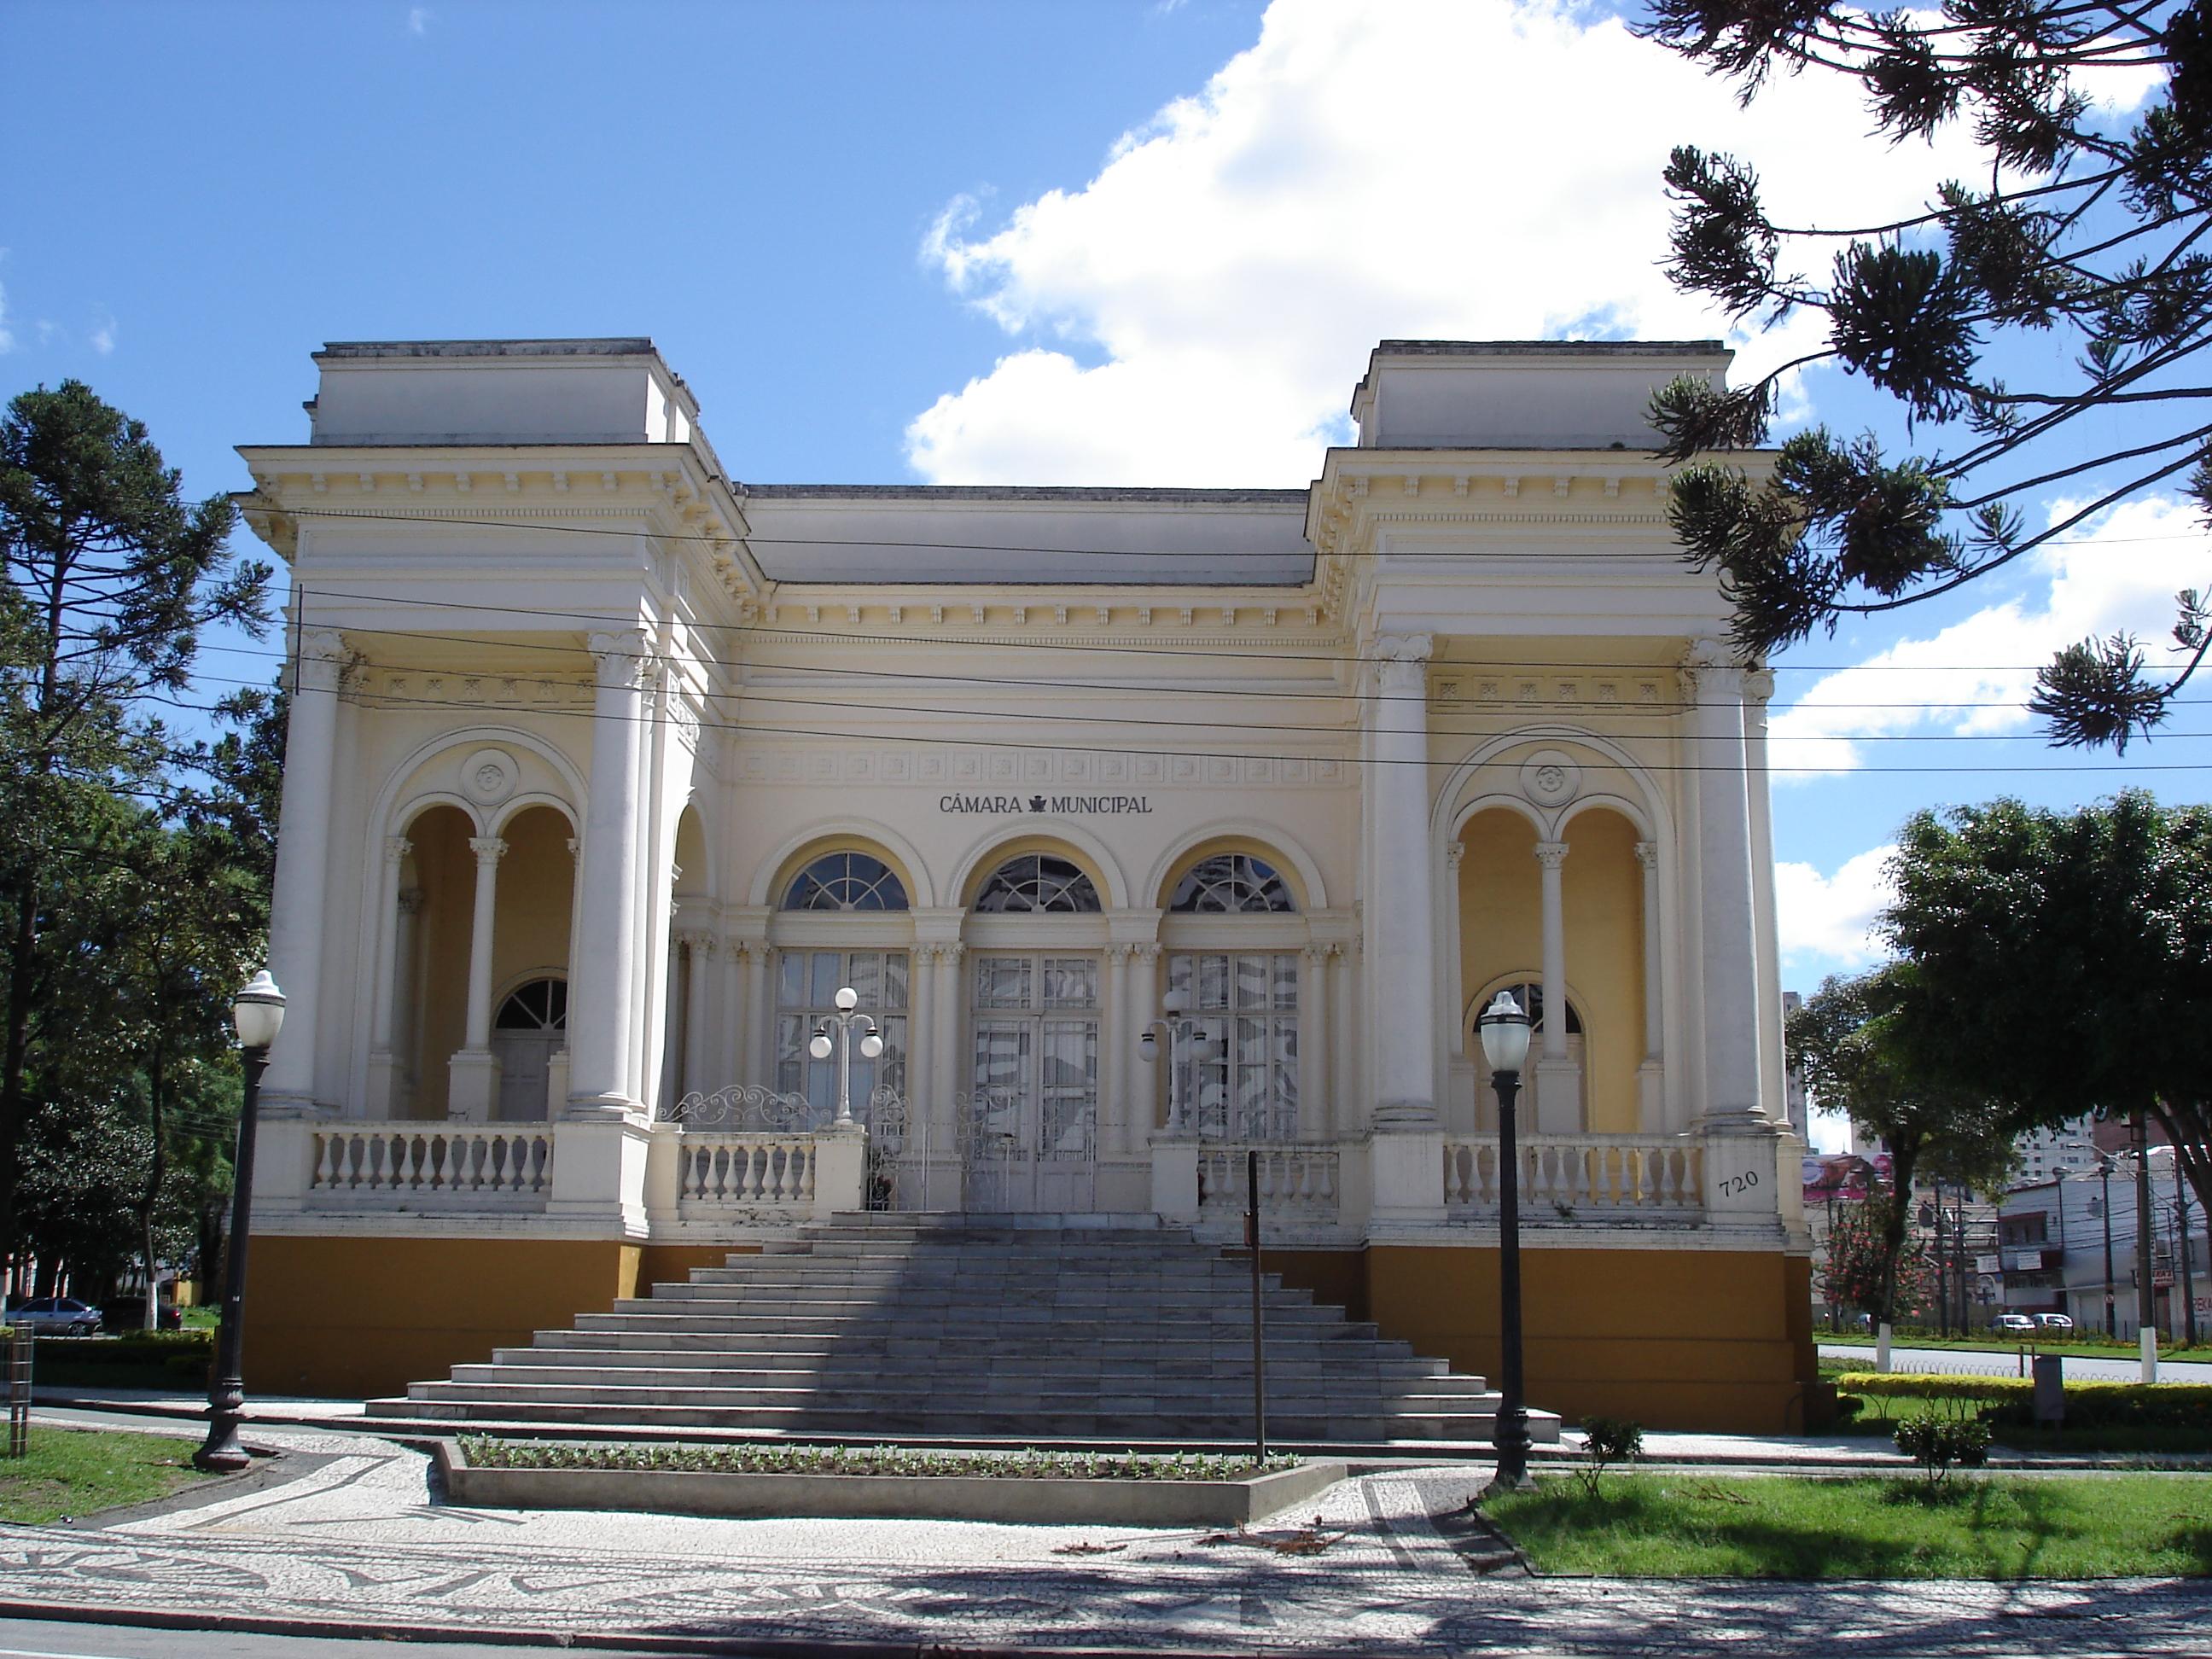 O Palácio Rio Branco, sede da Câmara Municipal de Curitiba, em 2010.